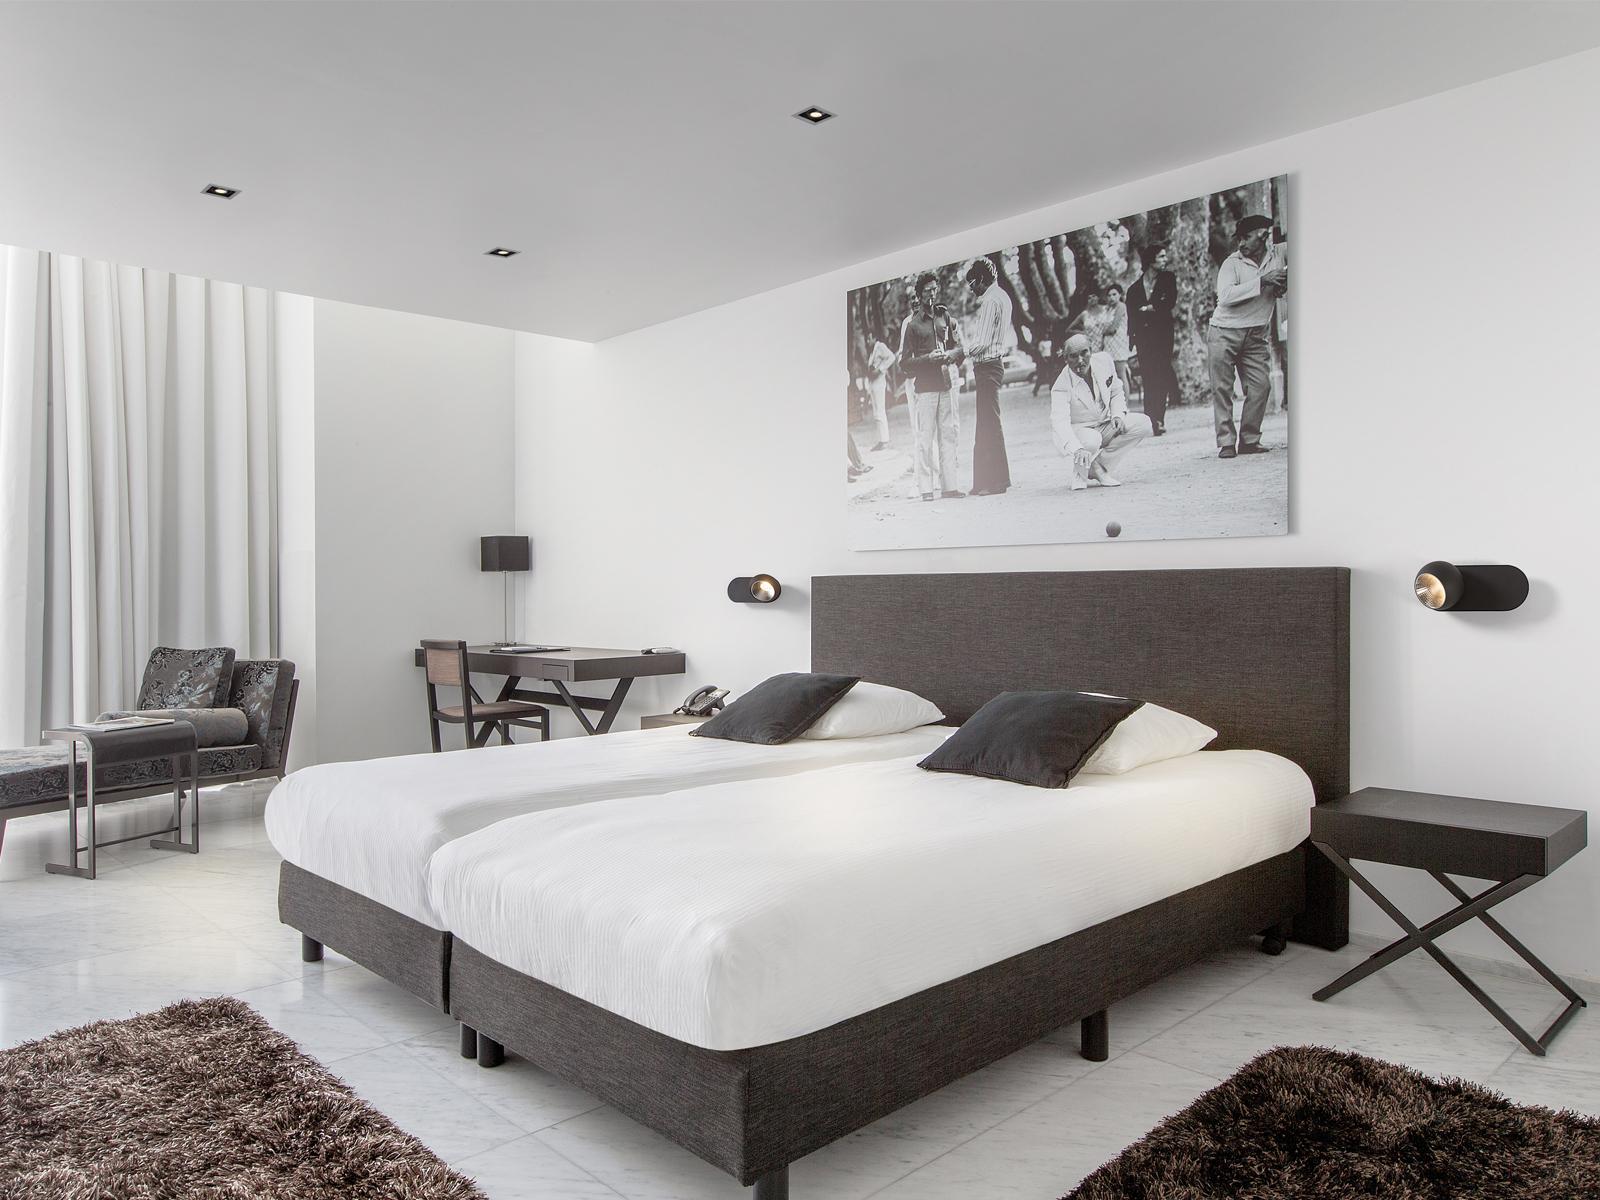 Wandverlichting Led Slaapkamer ~ Beste Ideen Over Huis en Interieur